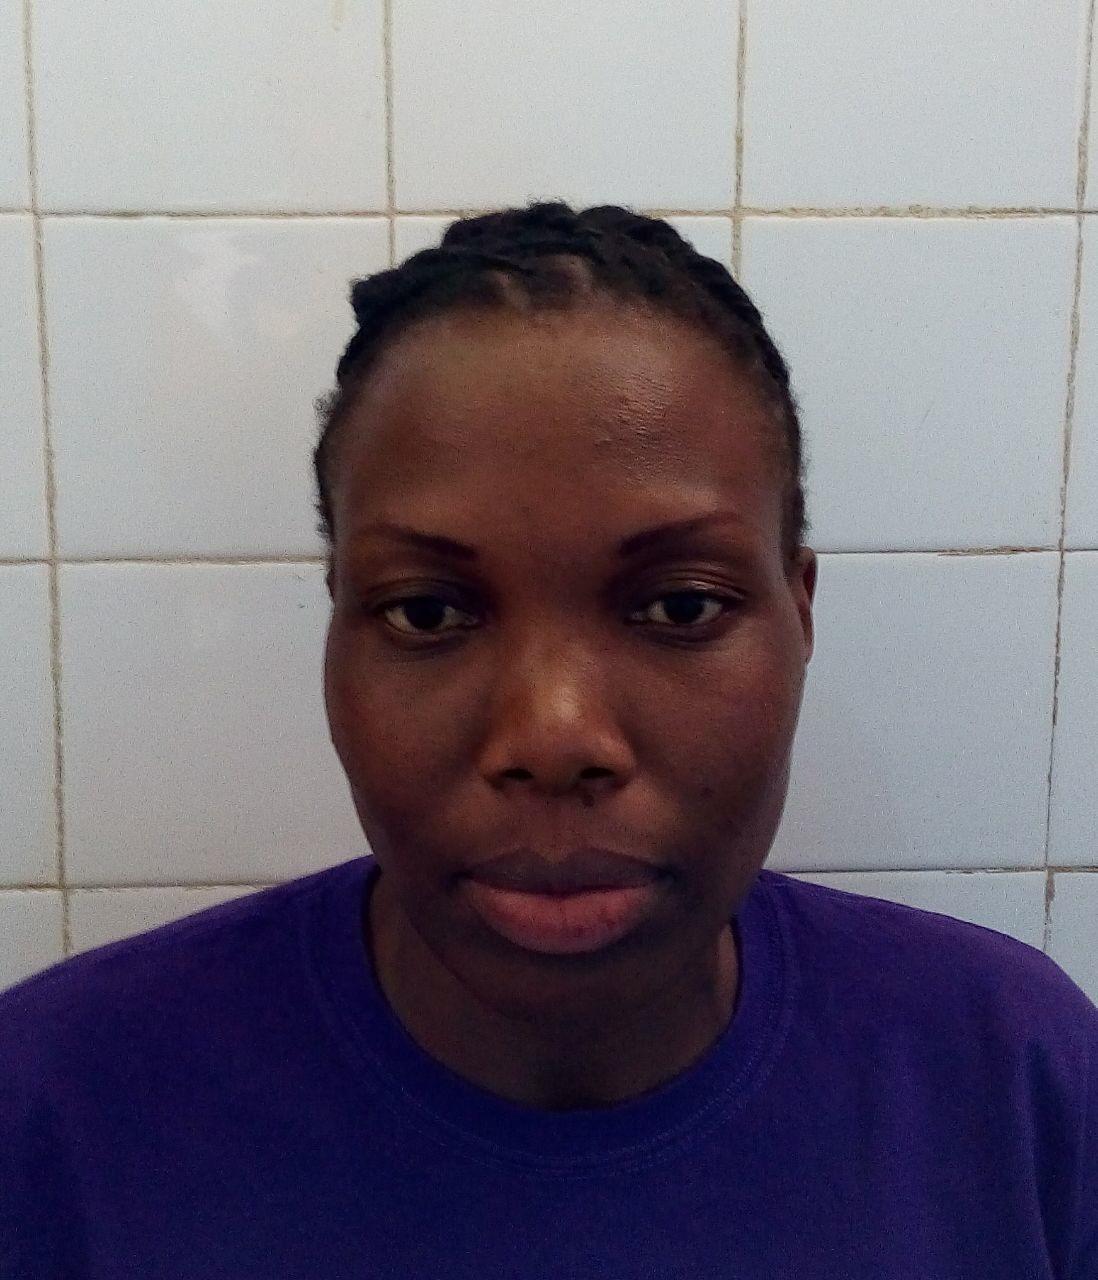 Chemtai Ndiema